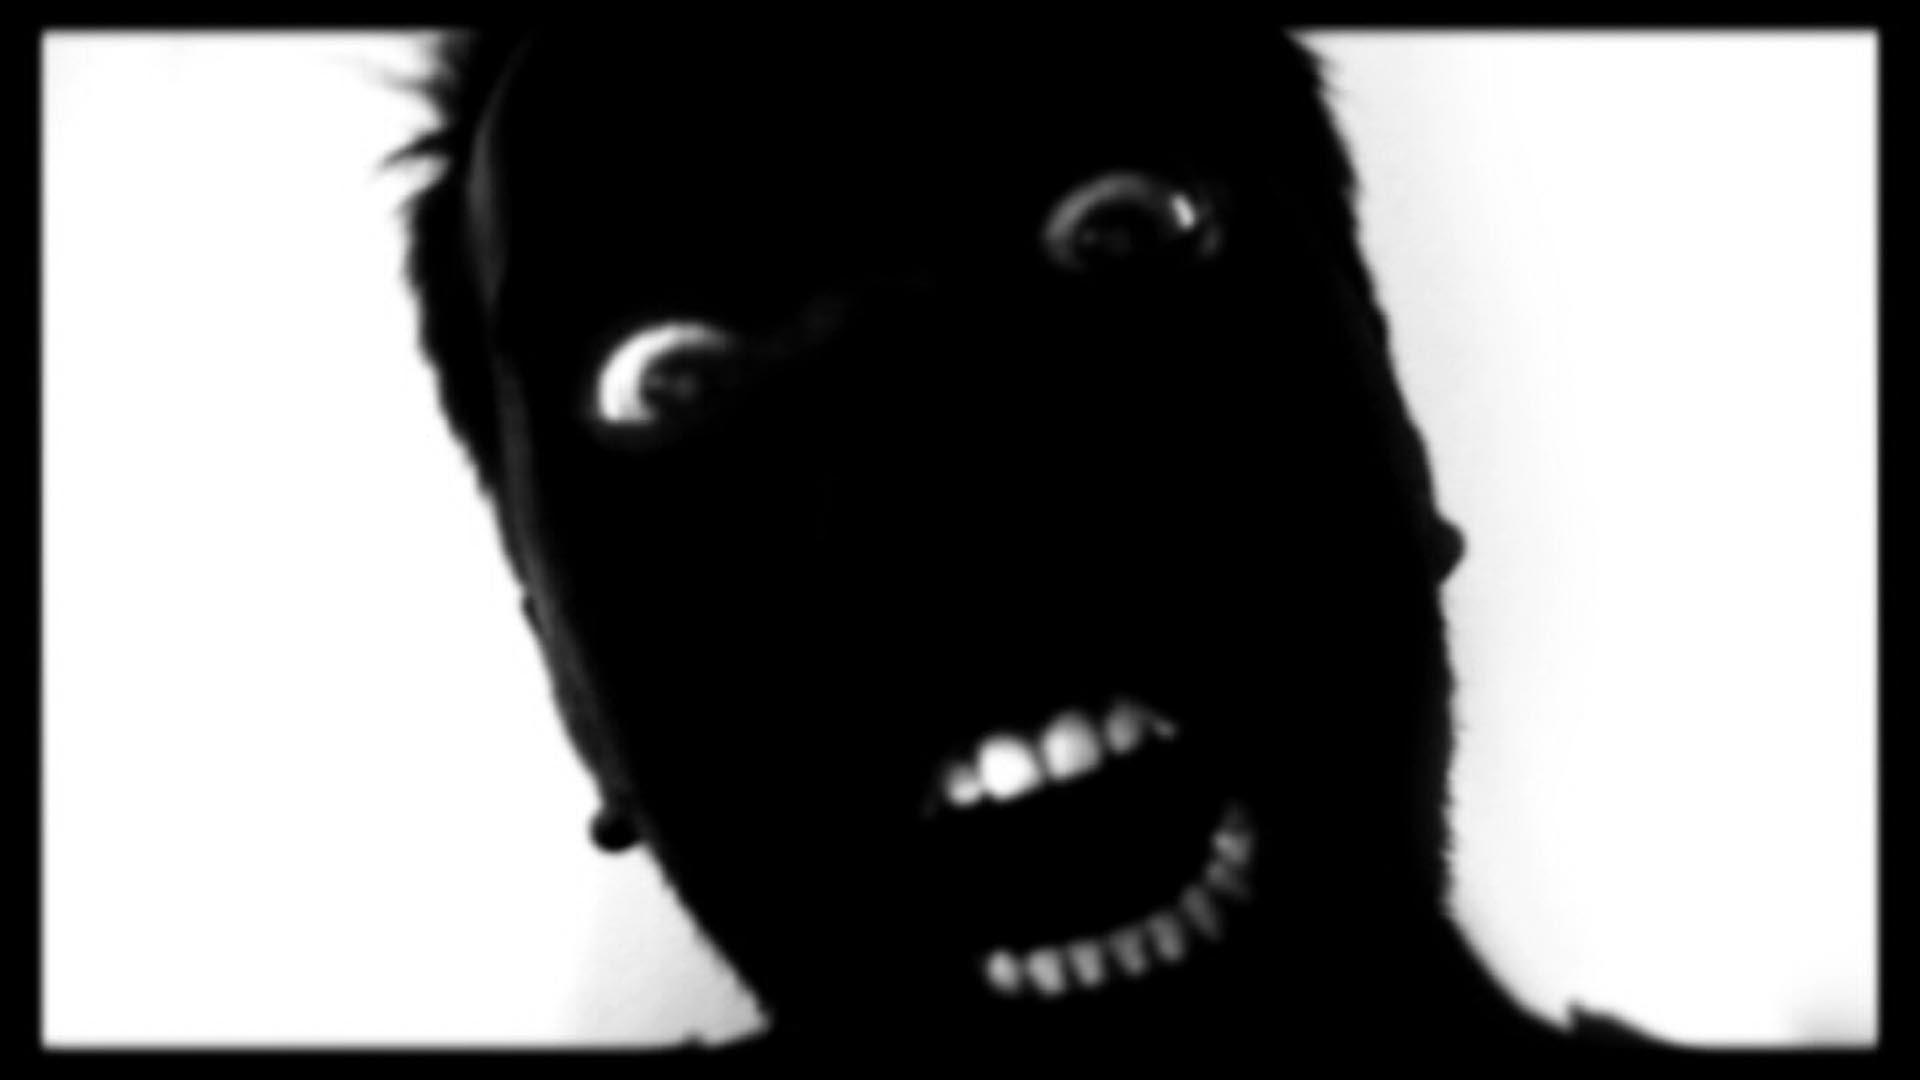 Singer - Perturbed